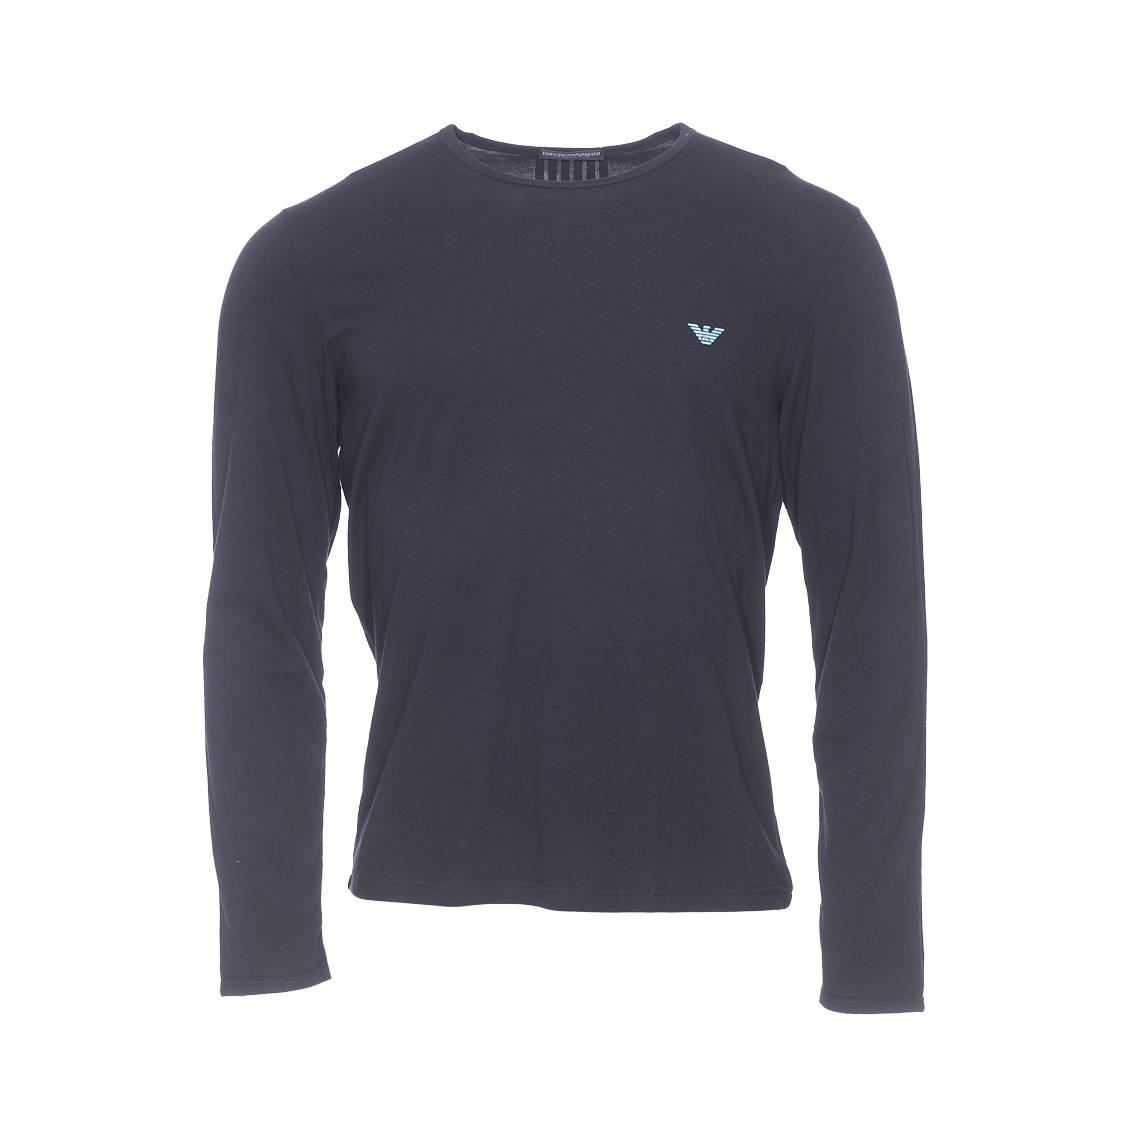 Tee-shirt manches longues  en coton stretch noir, logo eagle turquoise au dos